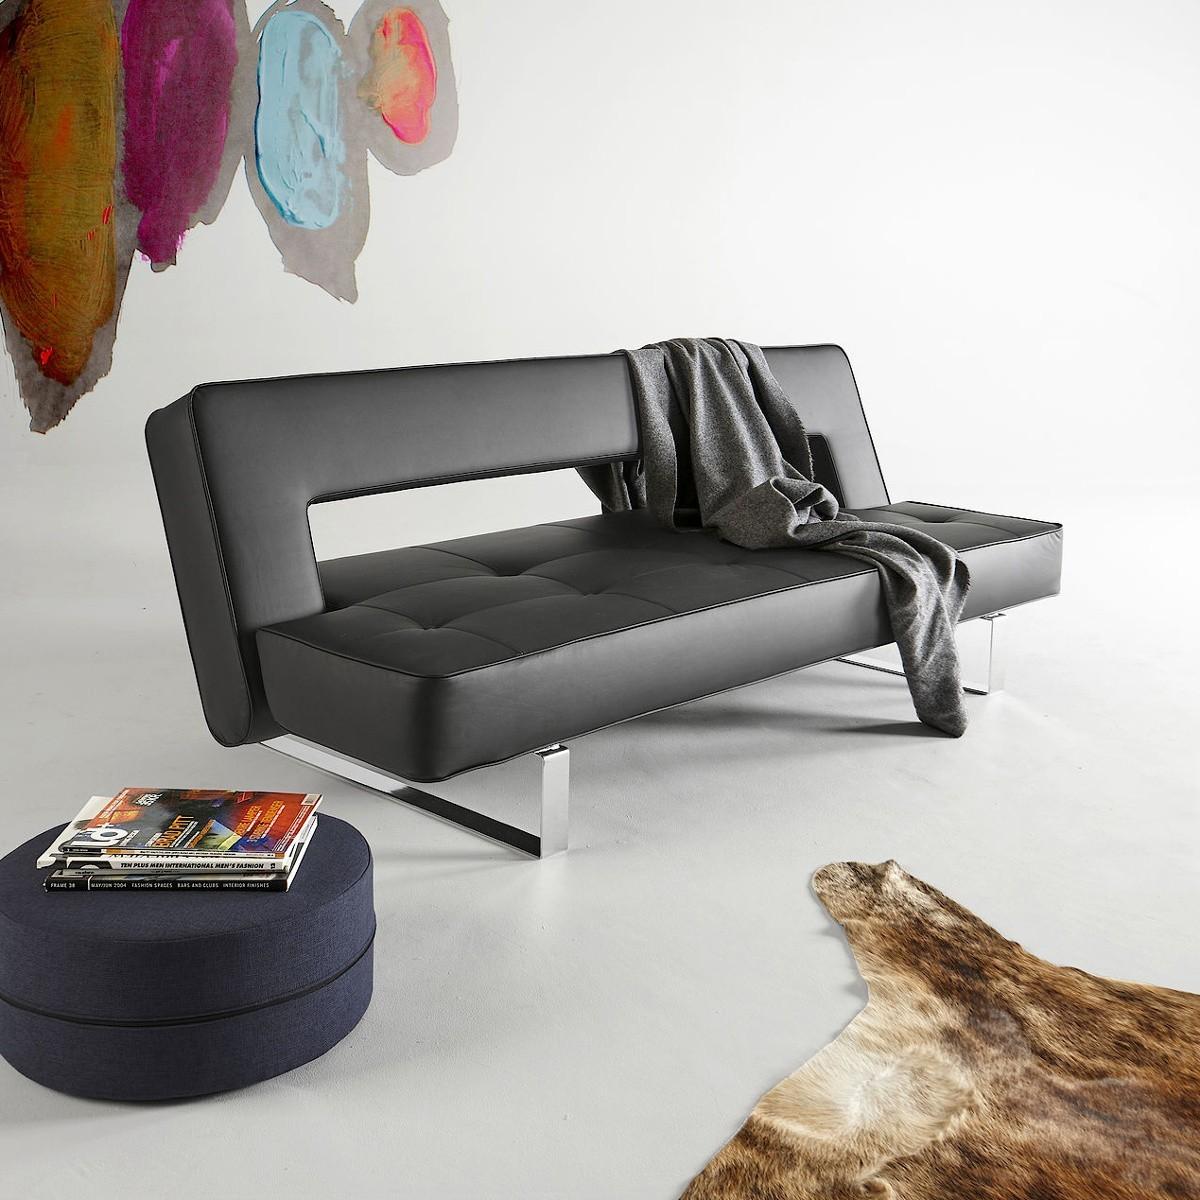 Arredo per monolocali i divani letto dal design moderno for Design moderno del letto